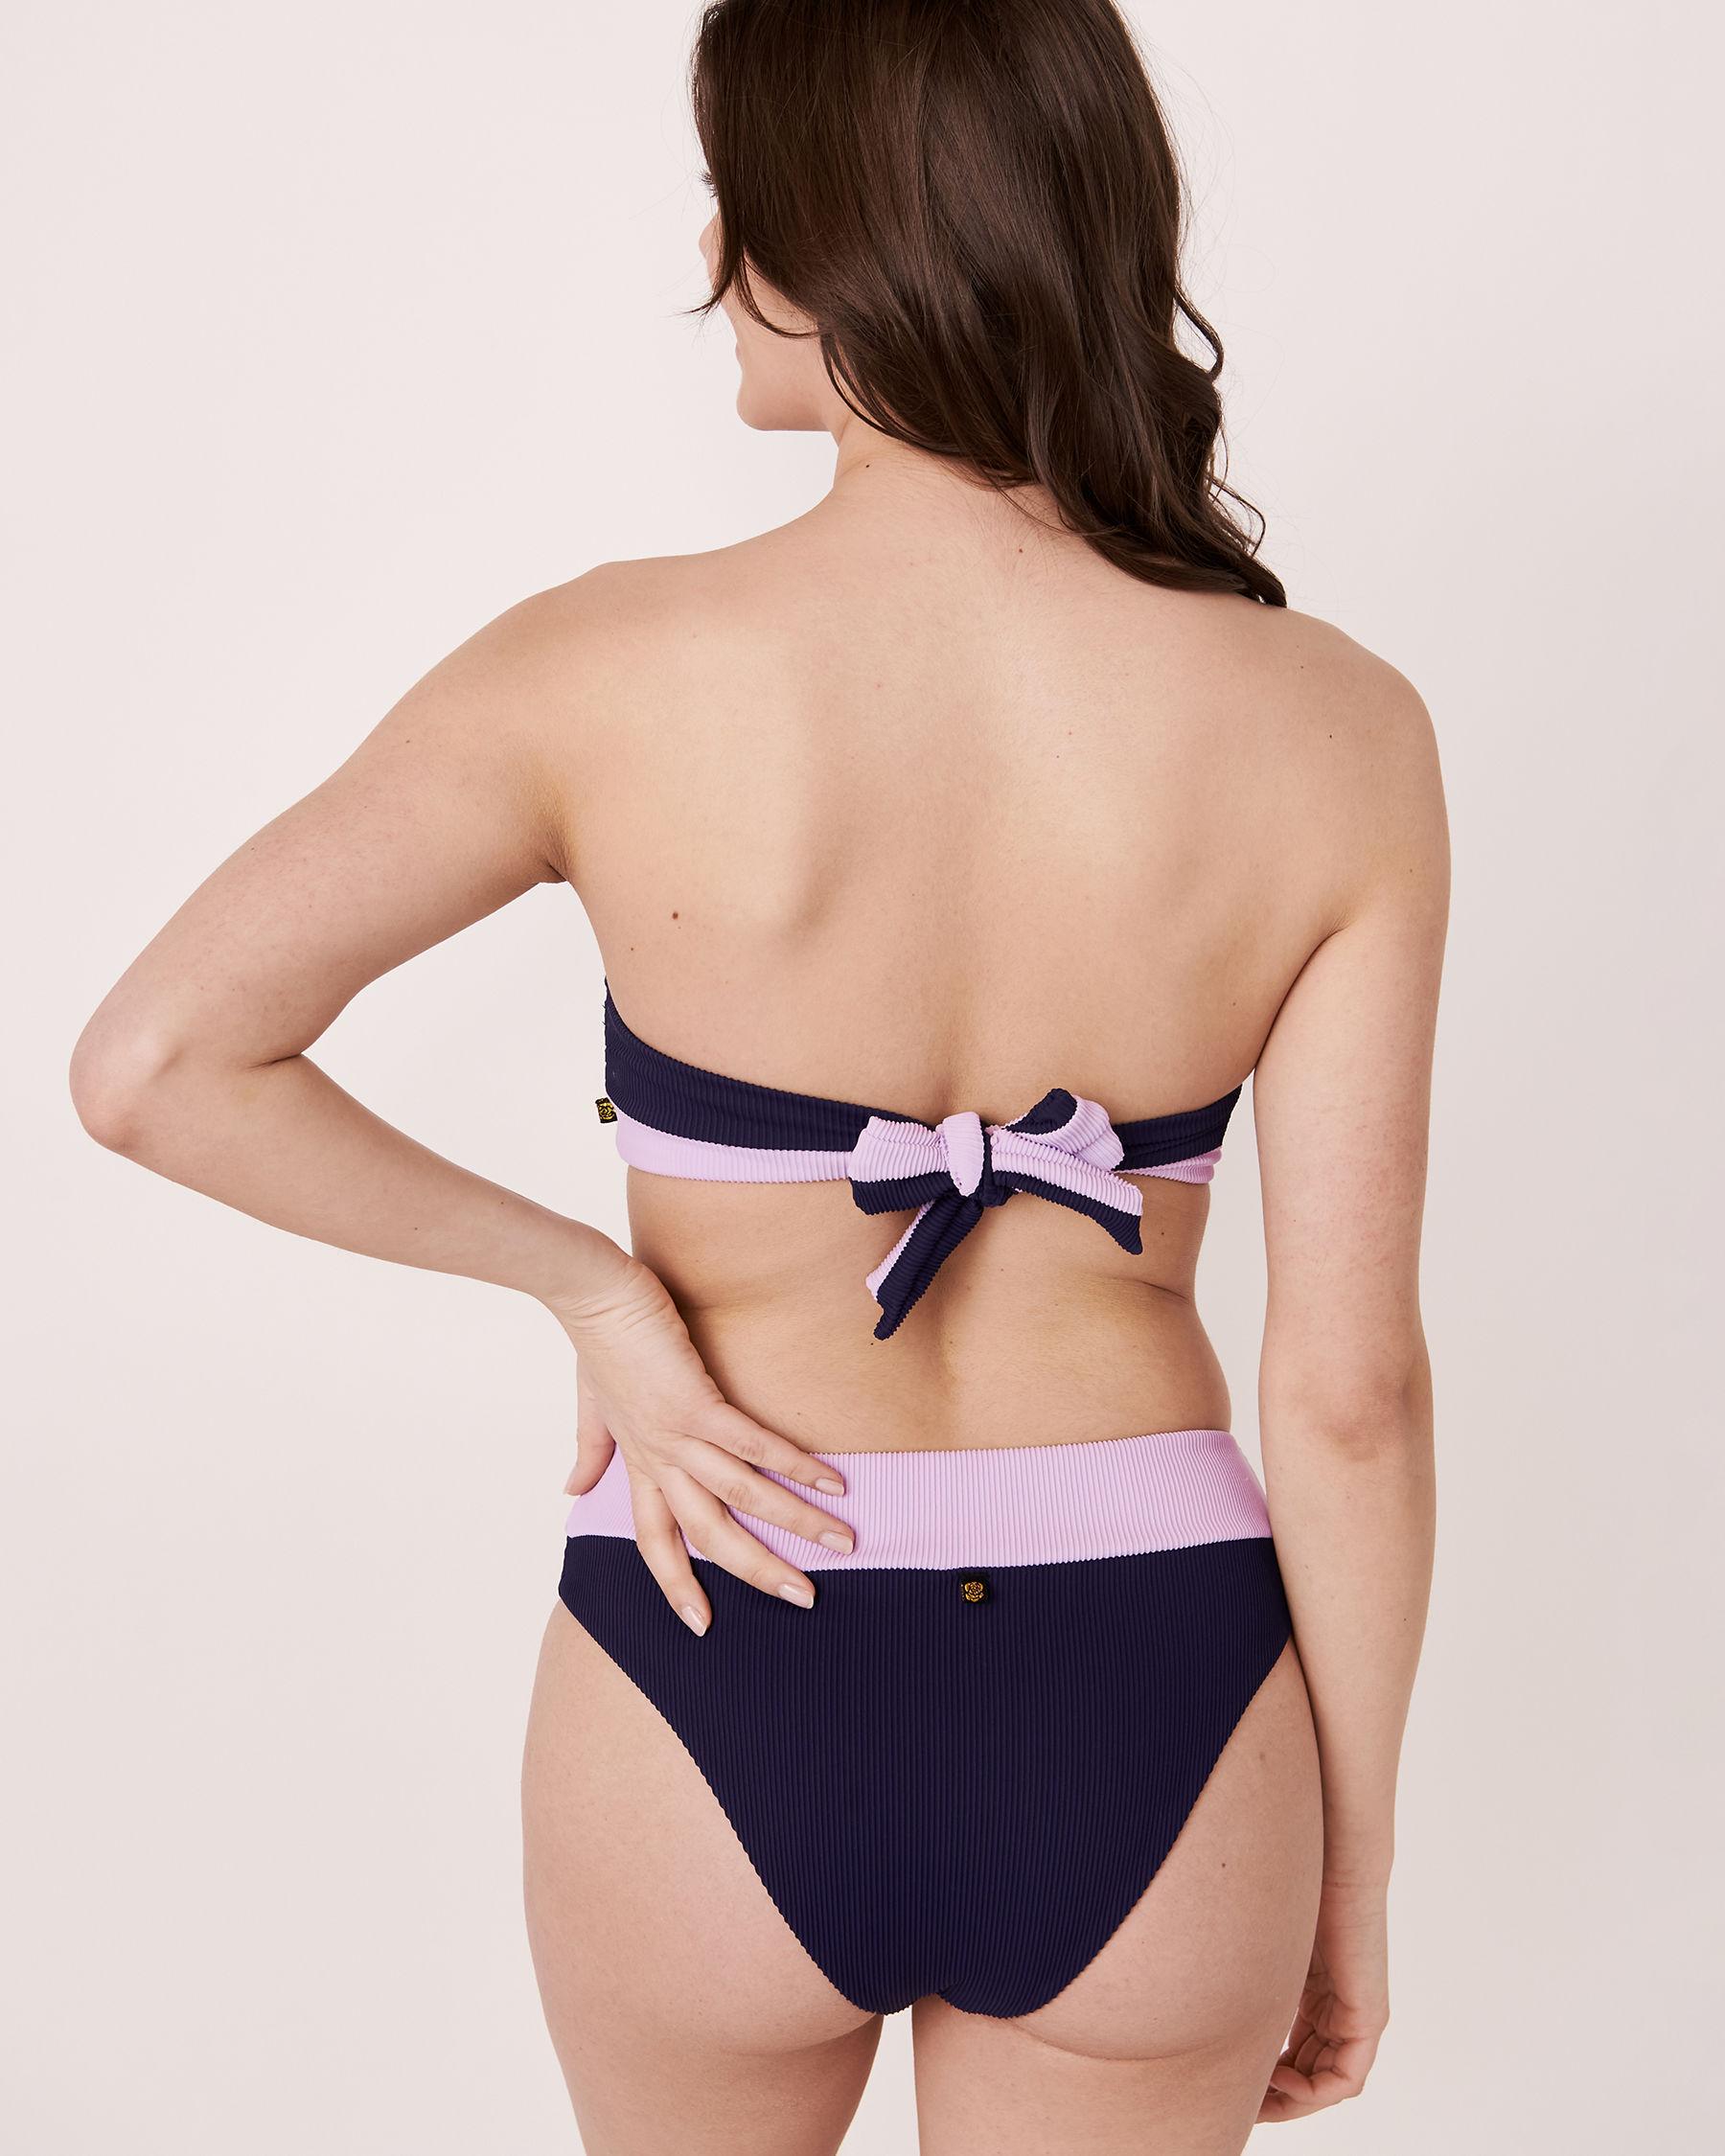 LA VIE EN ROSE AQUA Haut de bikini bandeau en fibres recyclées BRIGHT RIB Marine 70100060 - Voir2